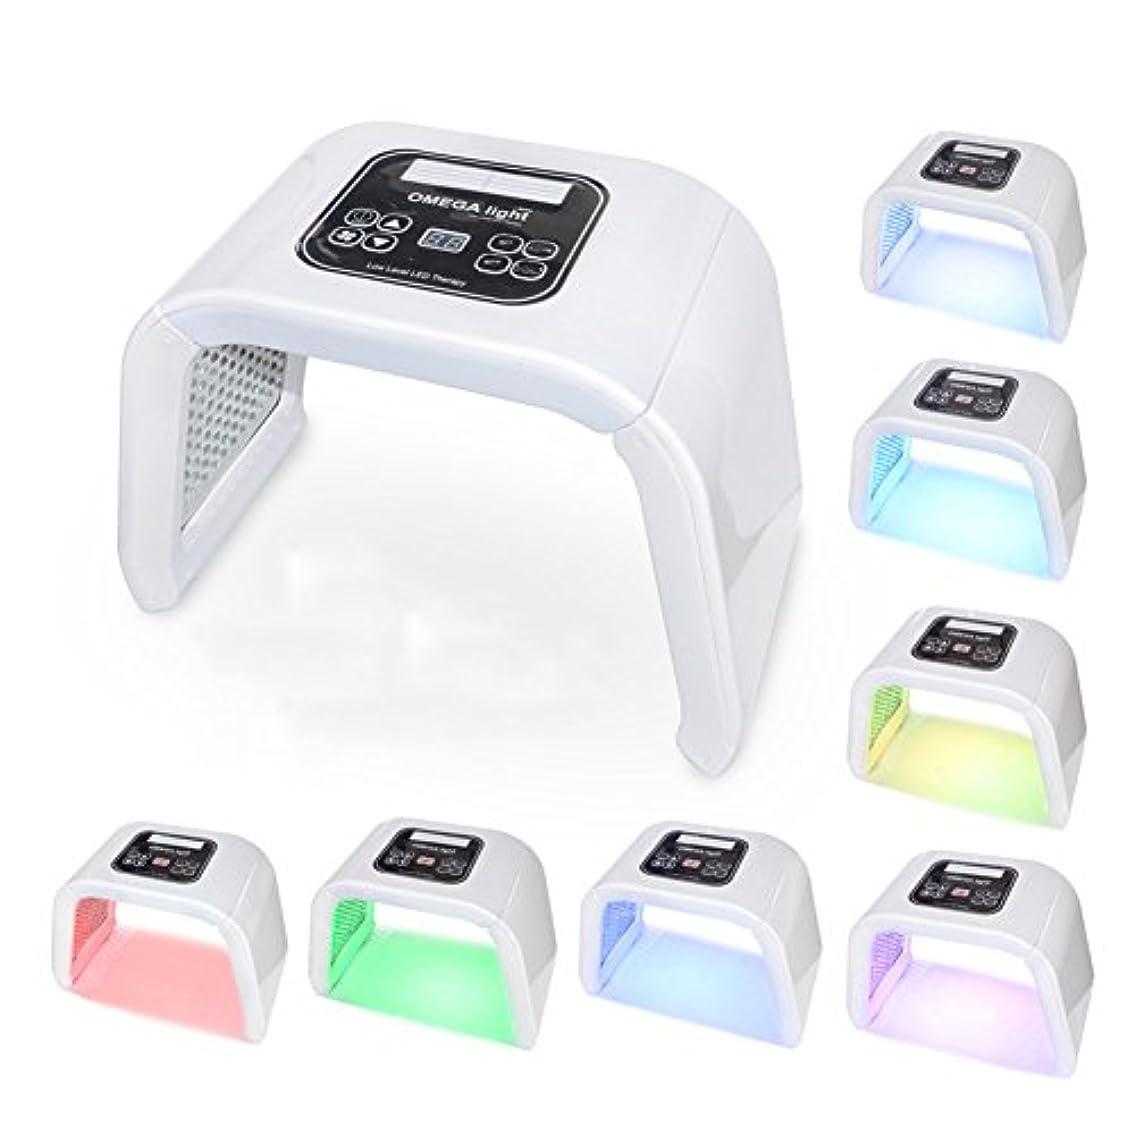 廃止する量恐怖光子治療器7色ライトニキビ美容器具,White